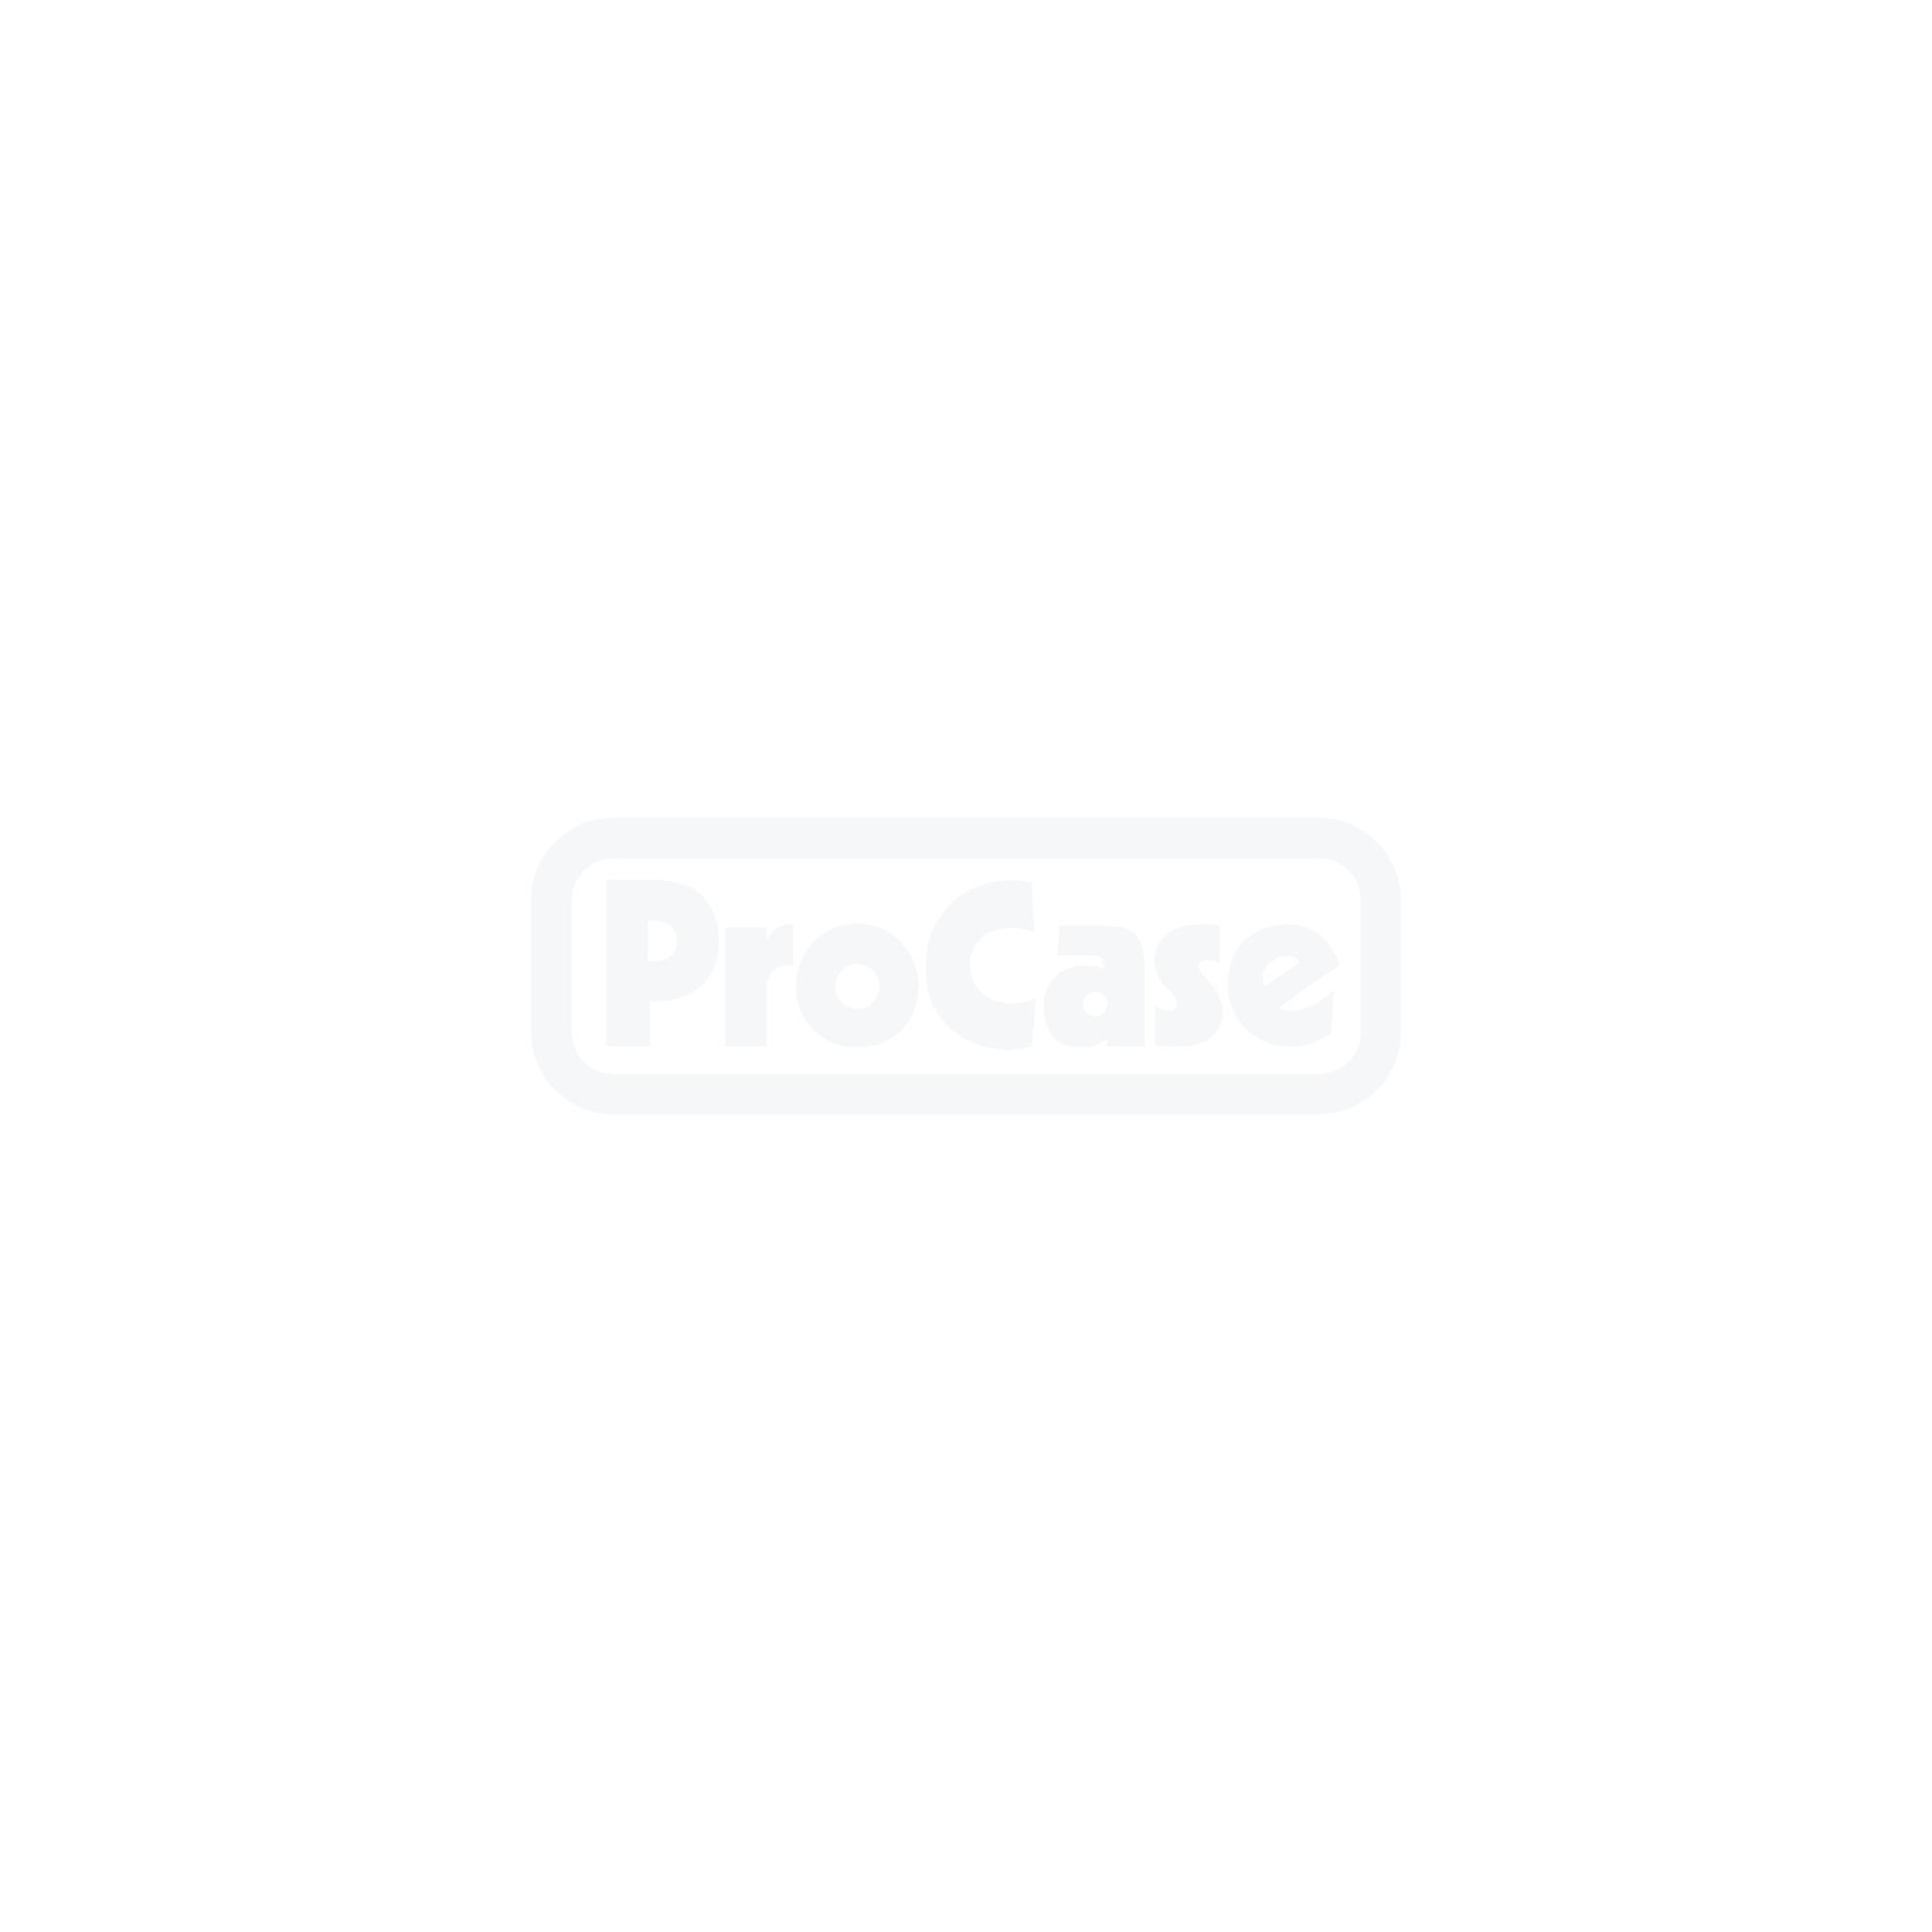 19 Zoll Standard Rack 22HE/10HE Singledoor mit Topdeckel 2